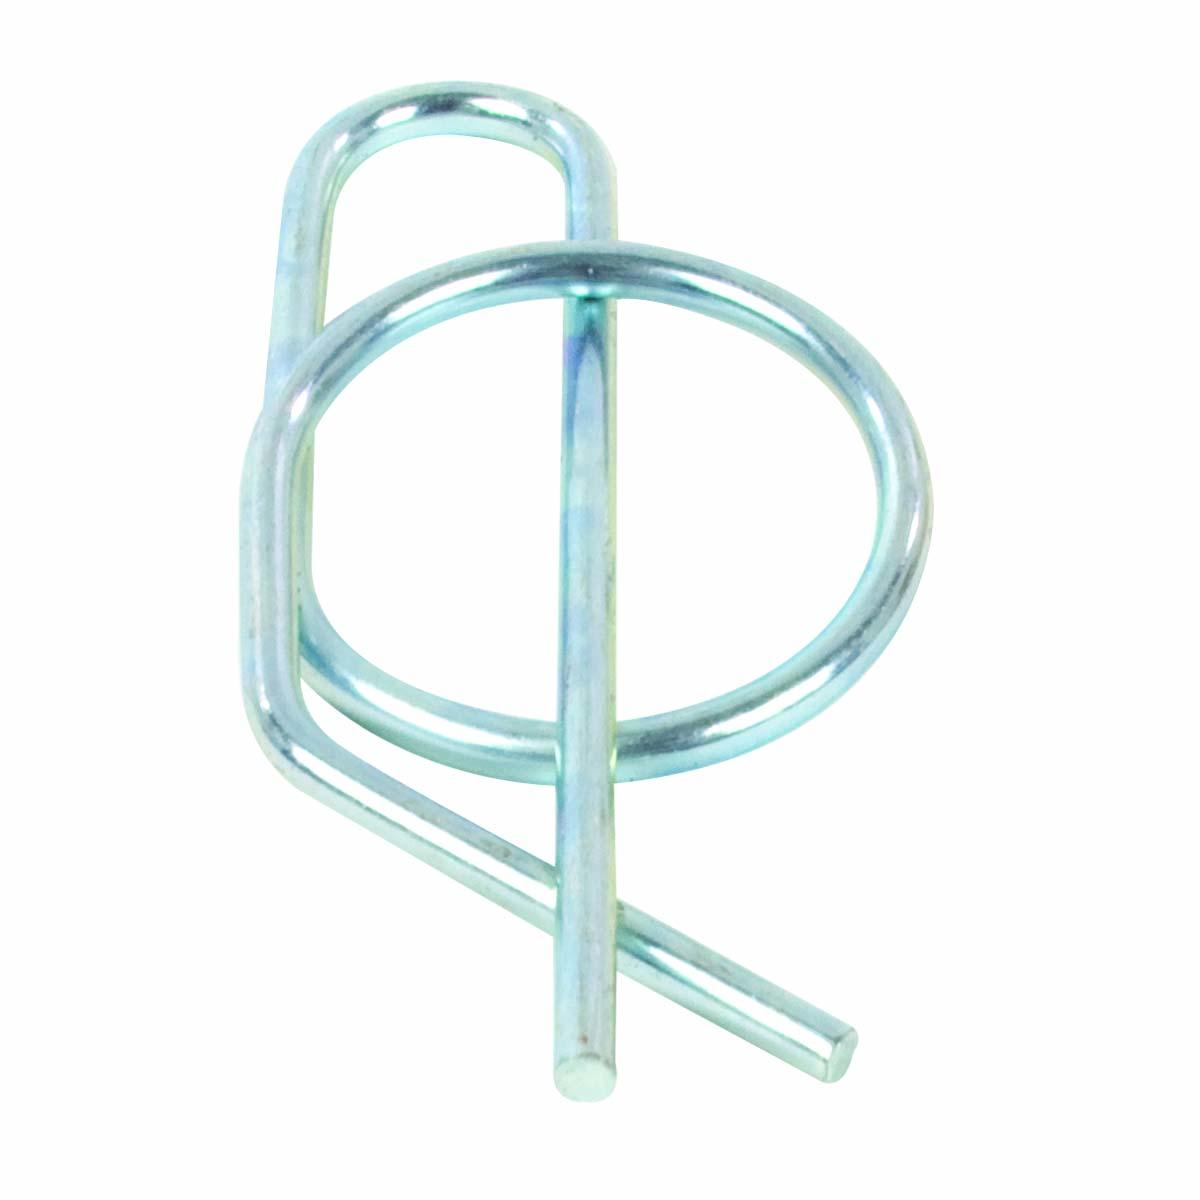 3/4 Rue-Ring Locking Cotter Pin